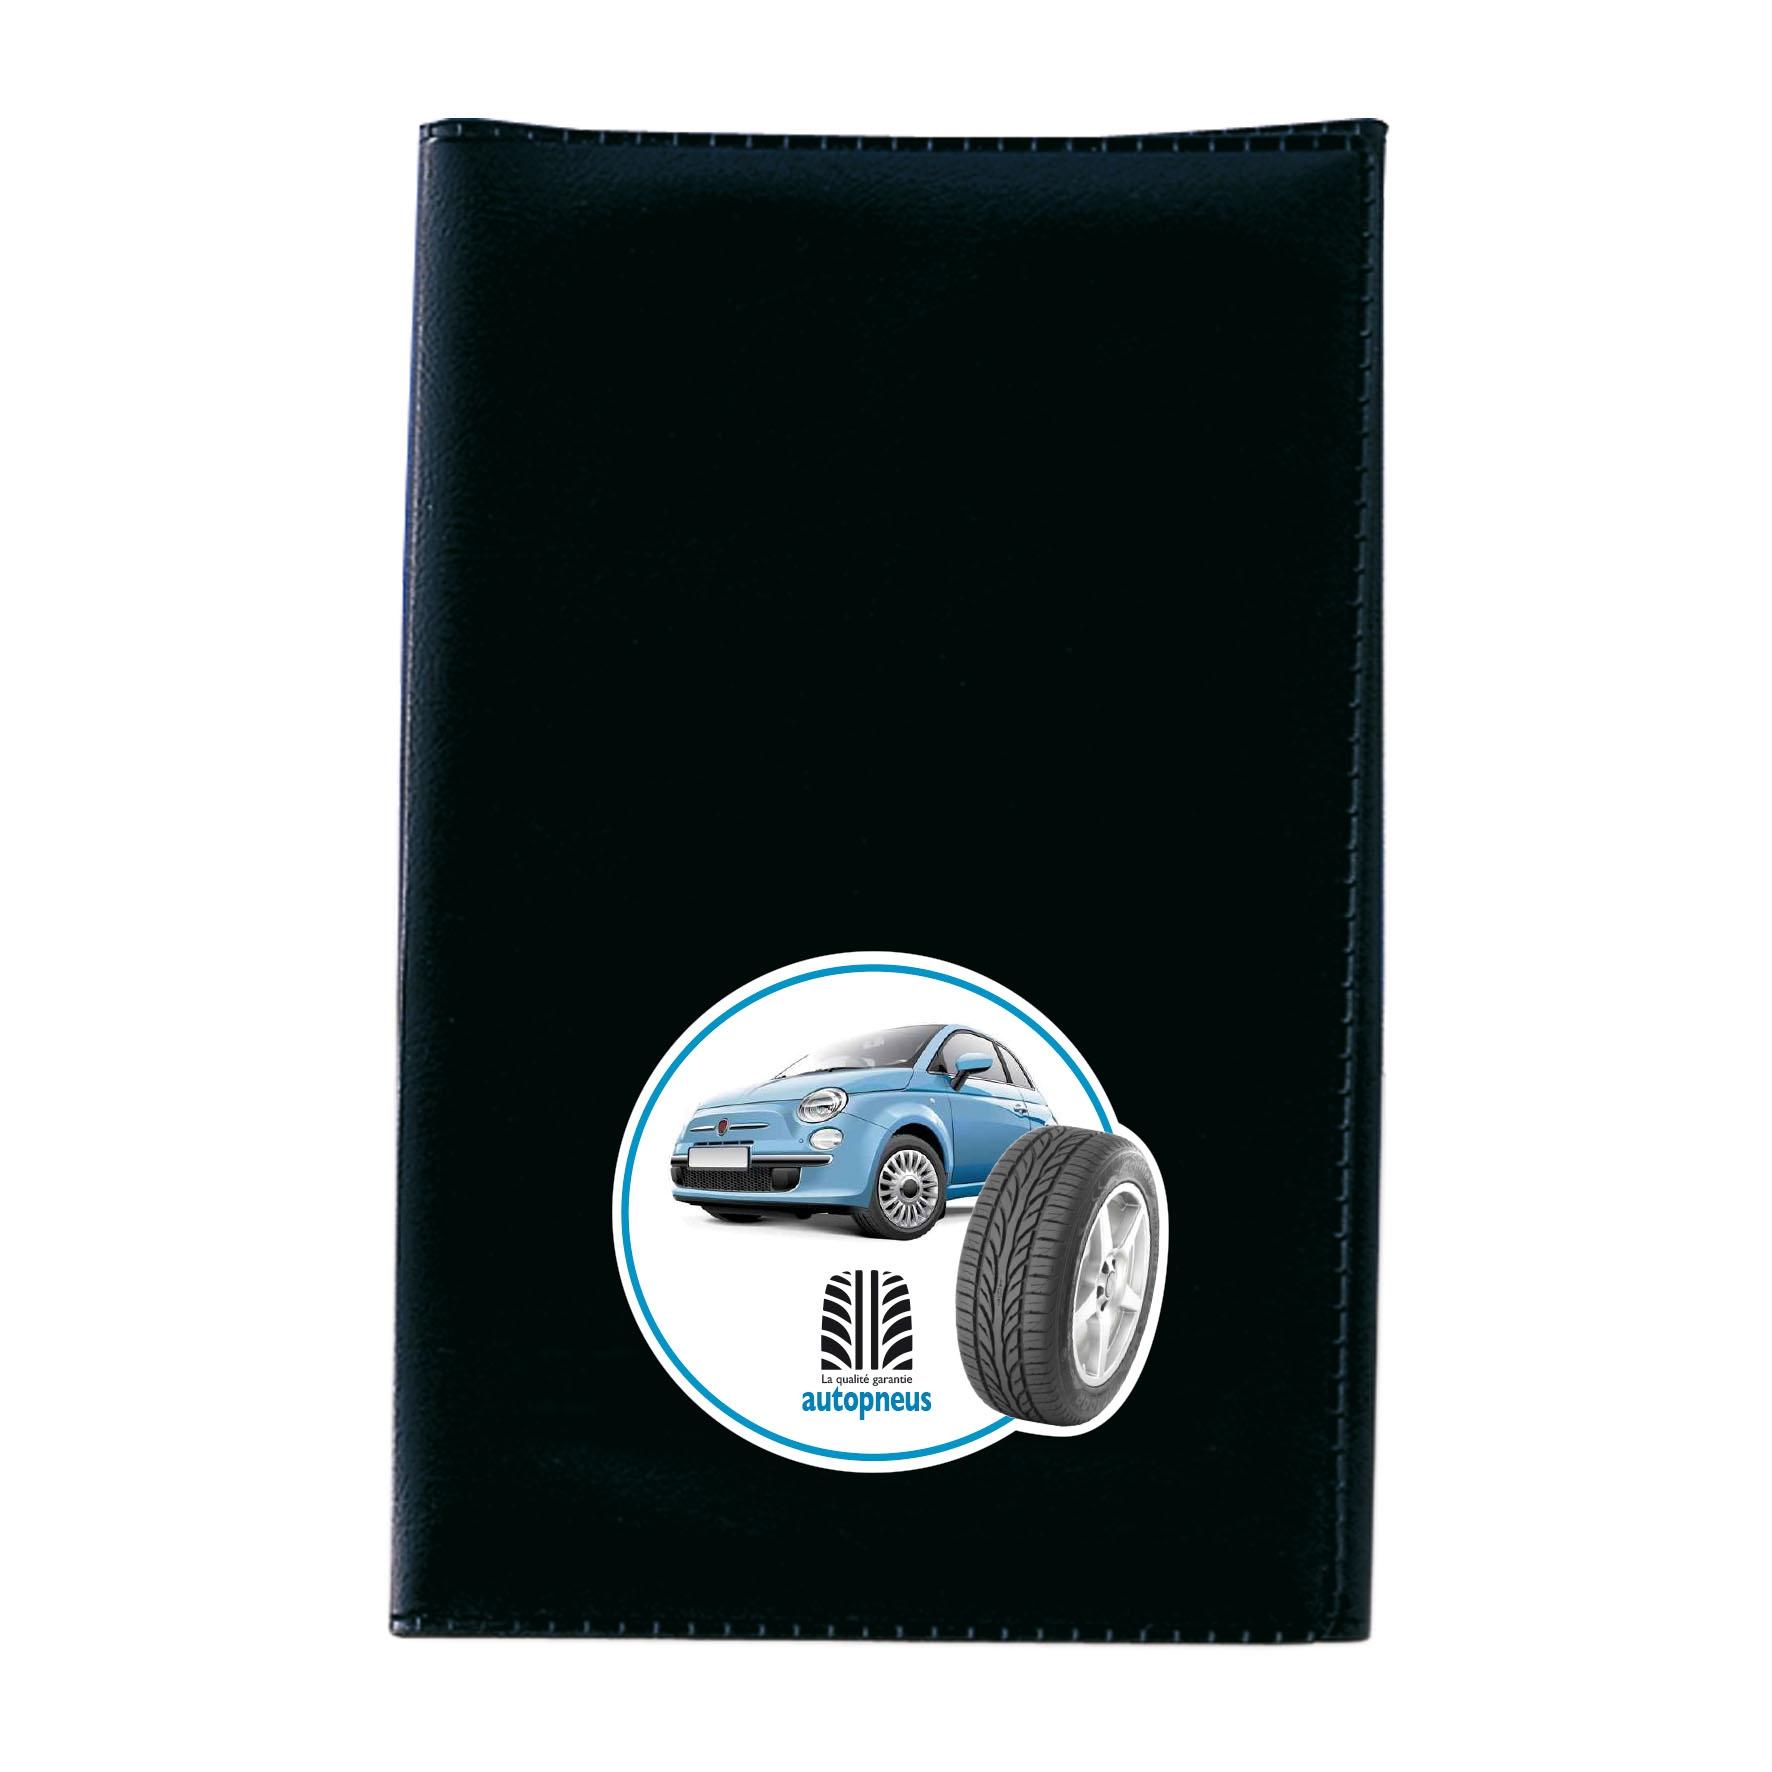 Objet publicitaire automobile - Porte-carte grise publicitaire 3 volets Motor